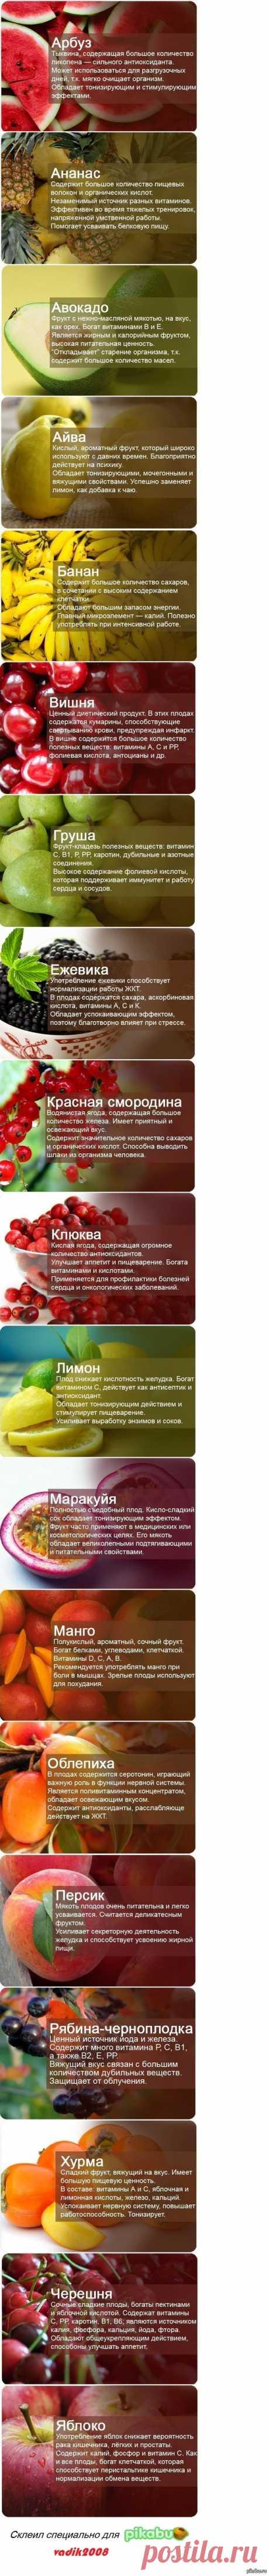 Витамины от природы)